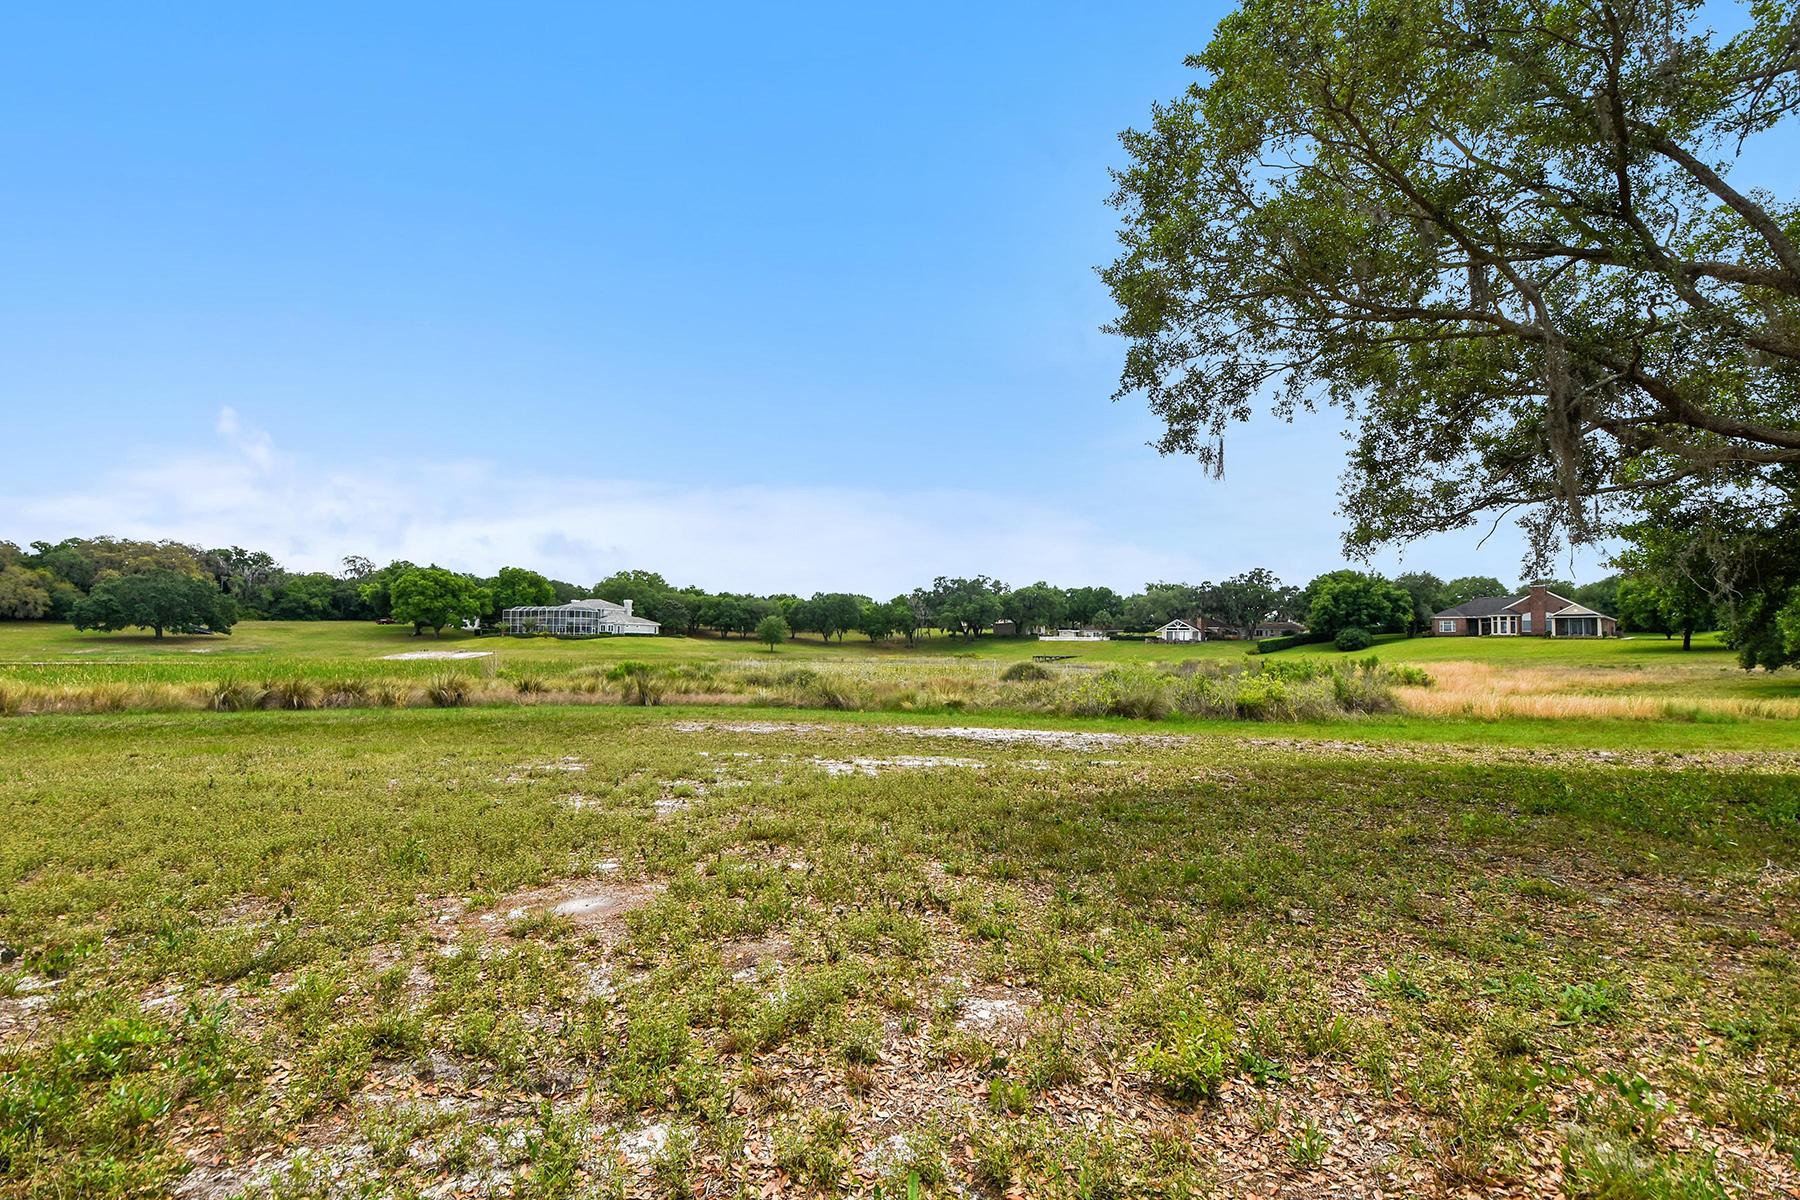 Land for Sale at ORLANDO - EUSTIS 526 Two Lakes Ln 14 Eustis, Florida, 32726 United States